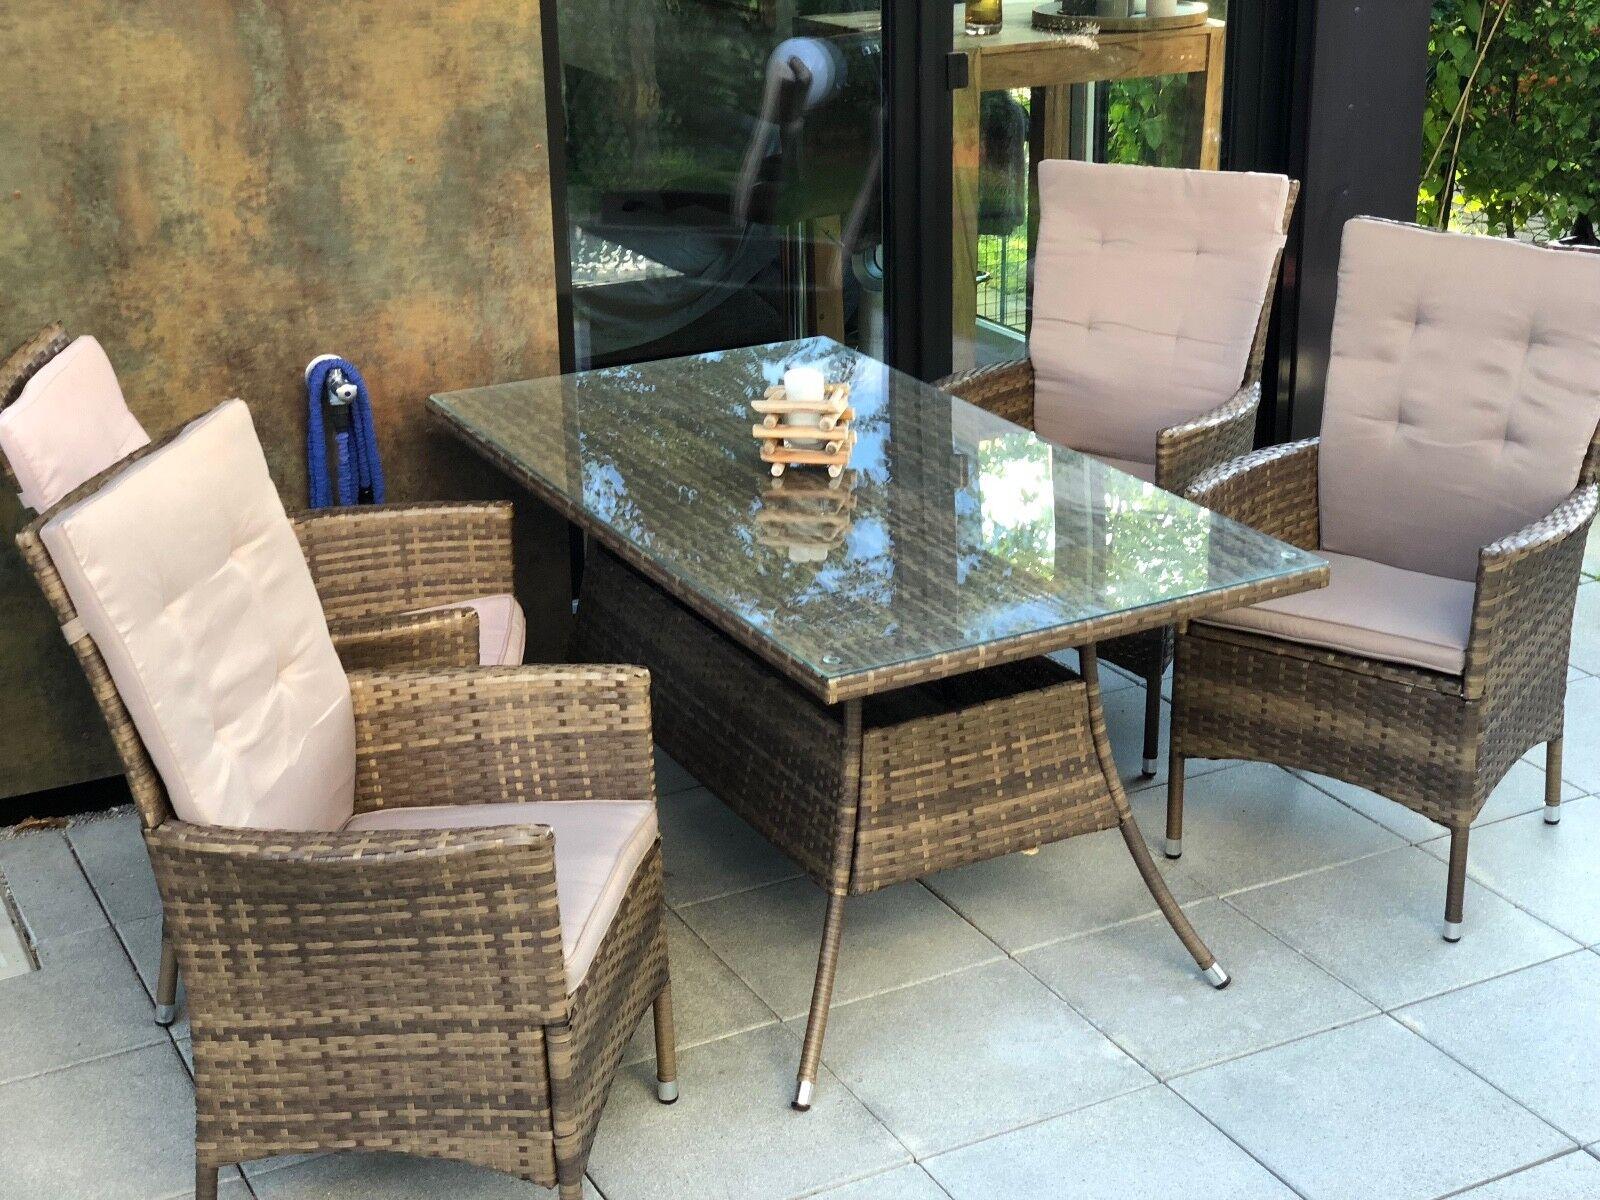 Gartentisch Mit 4 Stuhlen Test Vergleich Gartentisch Mit 4